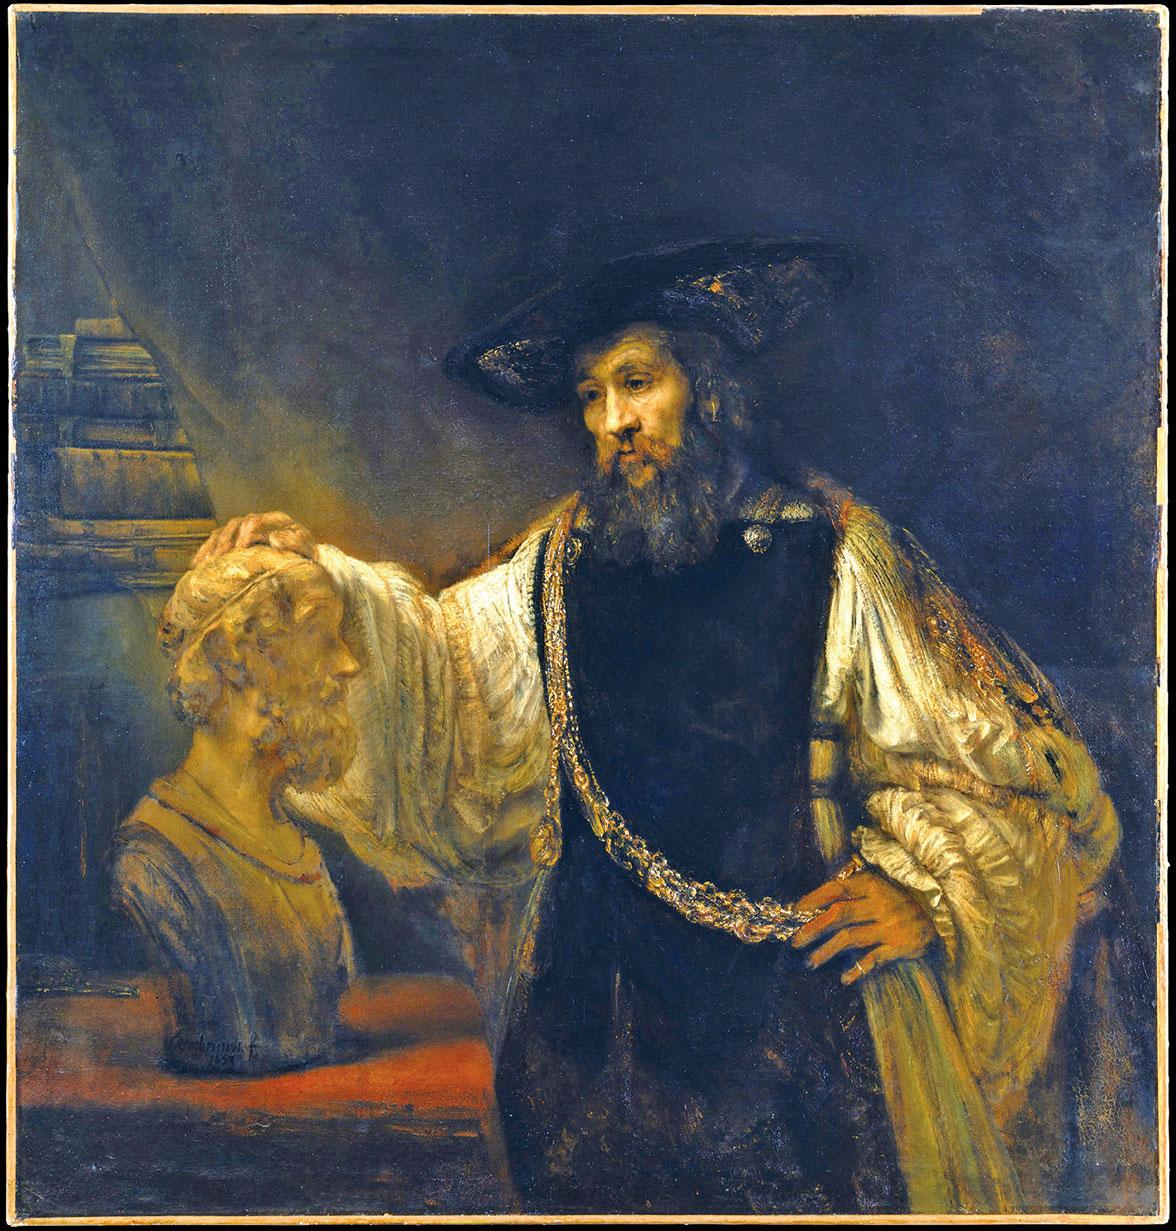 林布蘭1653年作品《亞里士多德與荷馬的半身像》,藏於紐約大都會博物館。(公有領域)